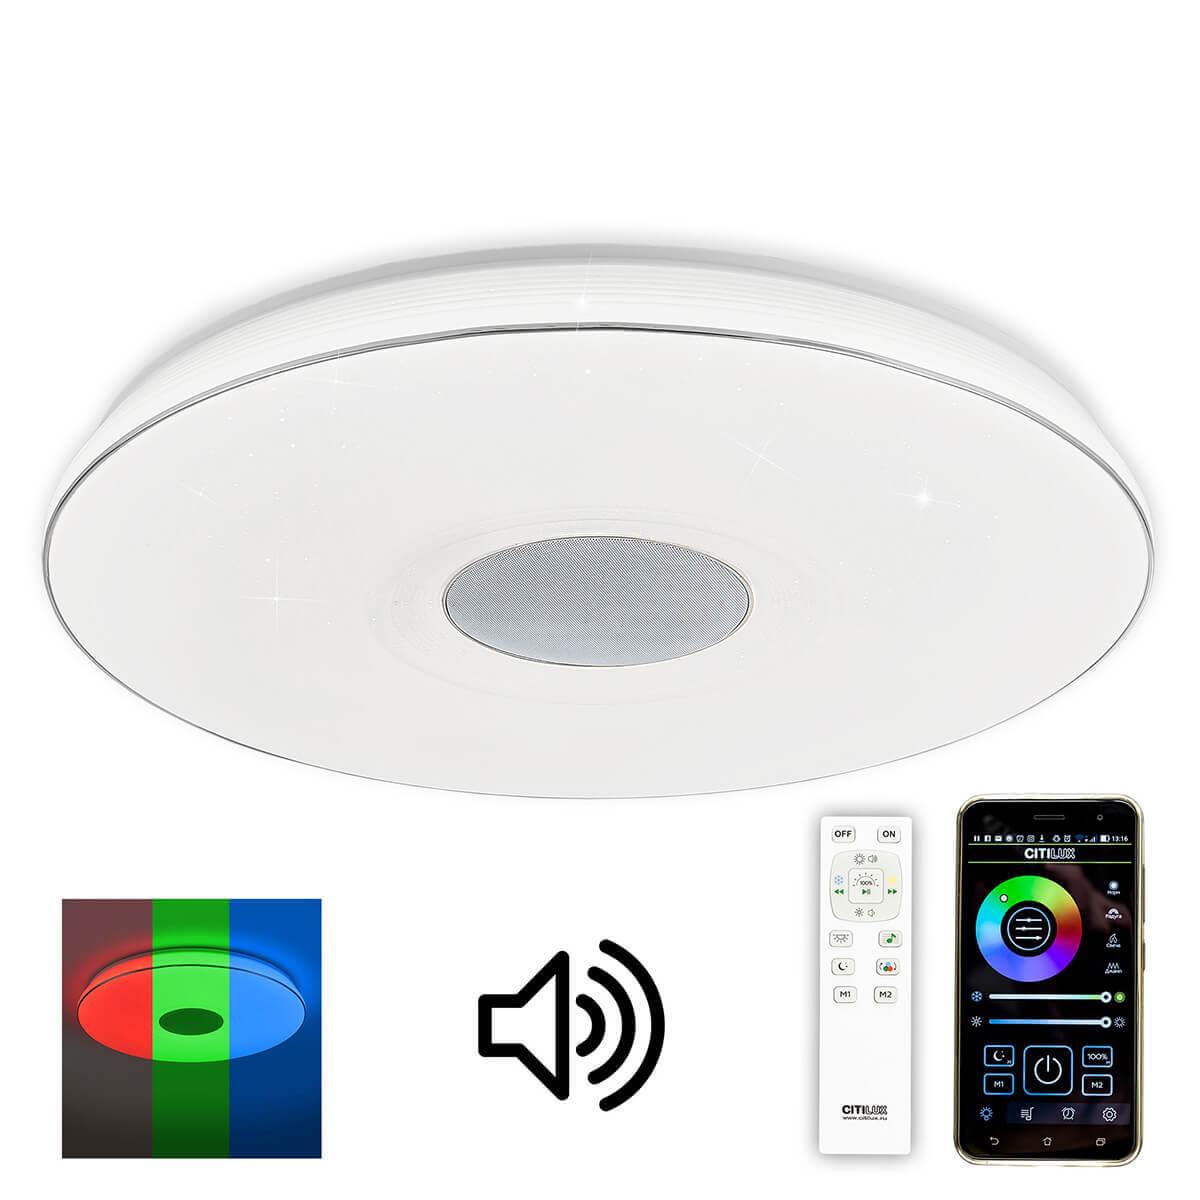 Светильник Citilux CL703M100 Light Music (Воспроизводит музыку (Bluetooth))